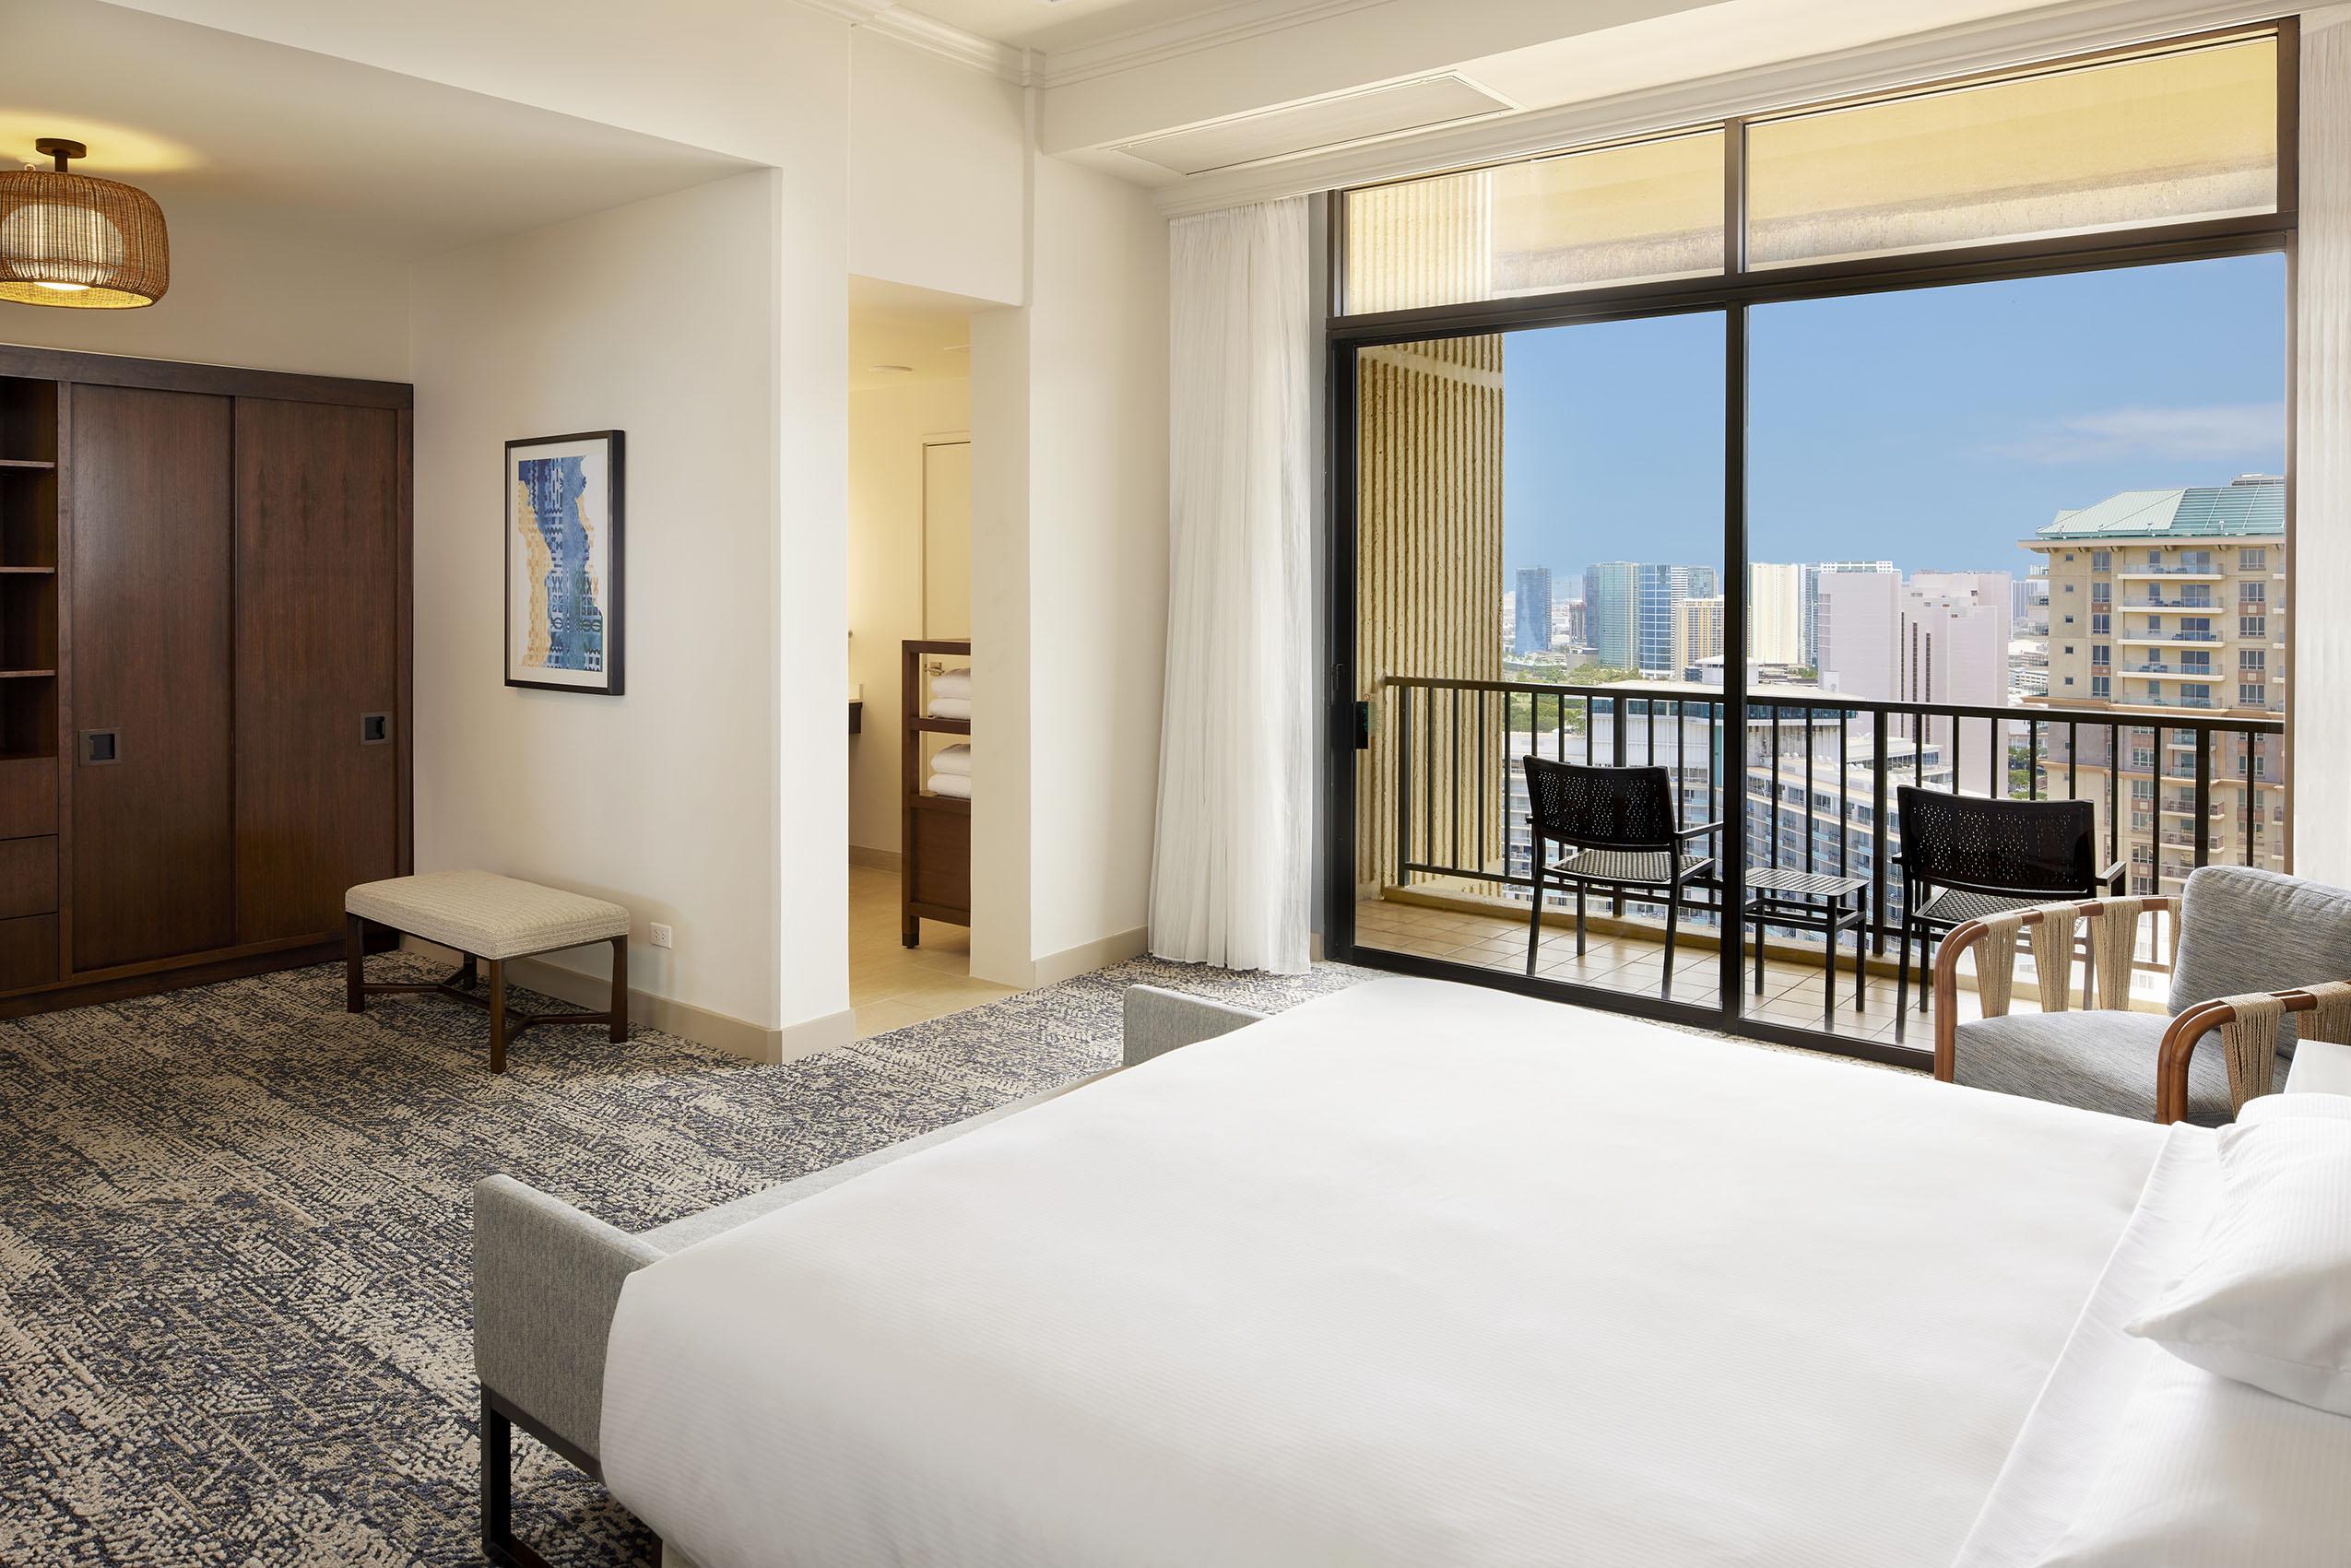 HHV_Leilani-Suite-Bedroom-view-1.jpg